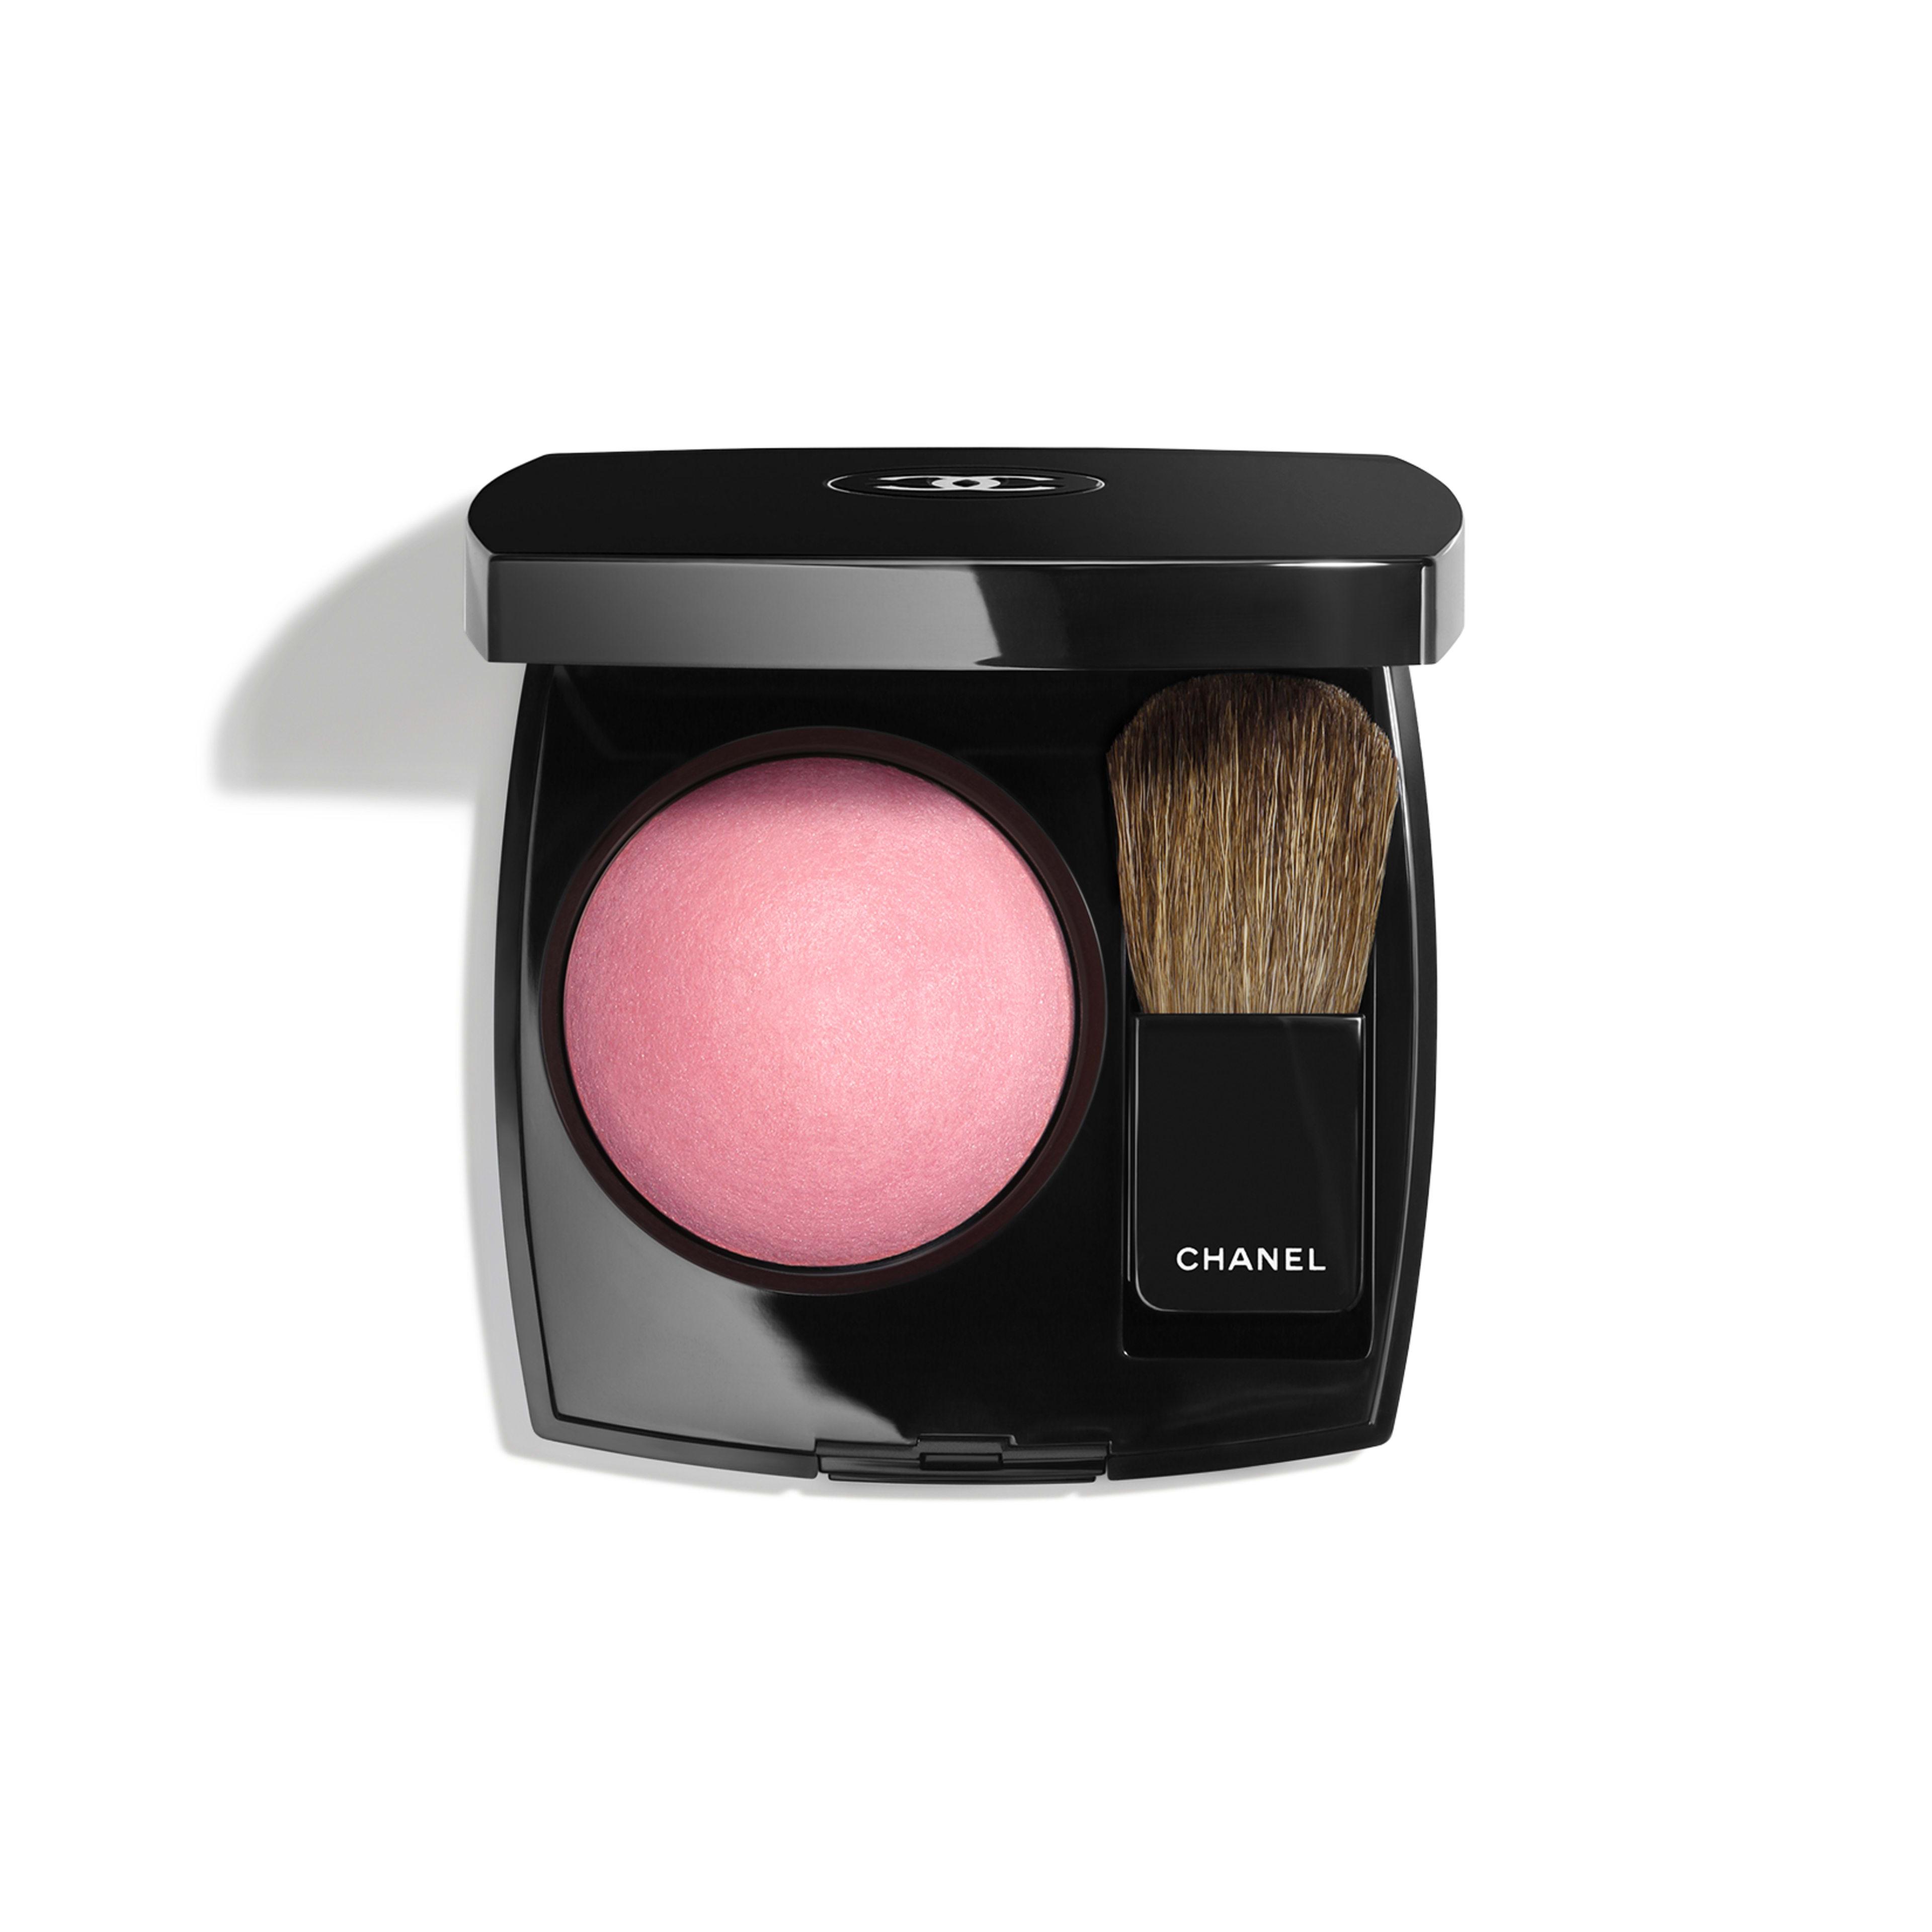 JOUES CONTRASTE - makeup - 0.21OZ. - Default view